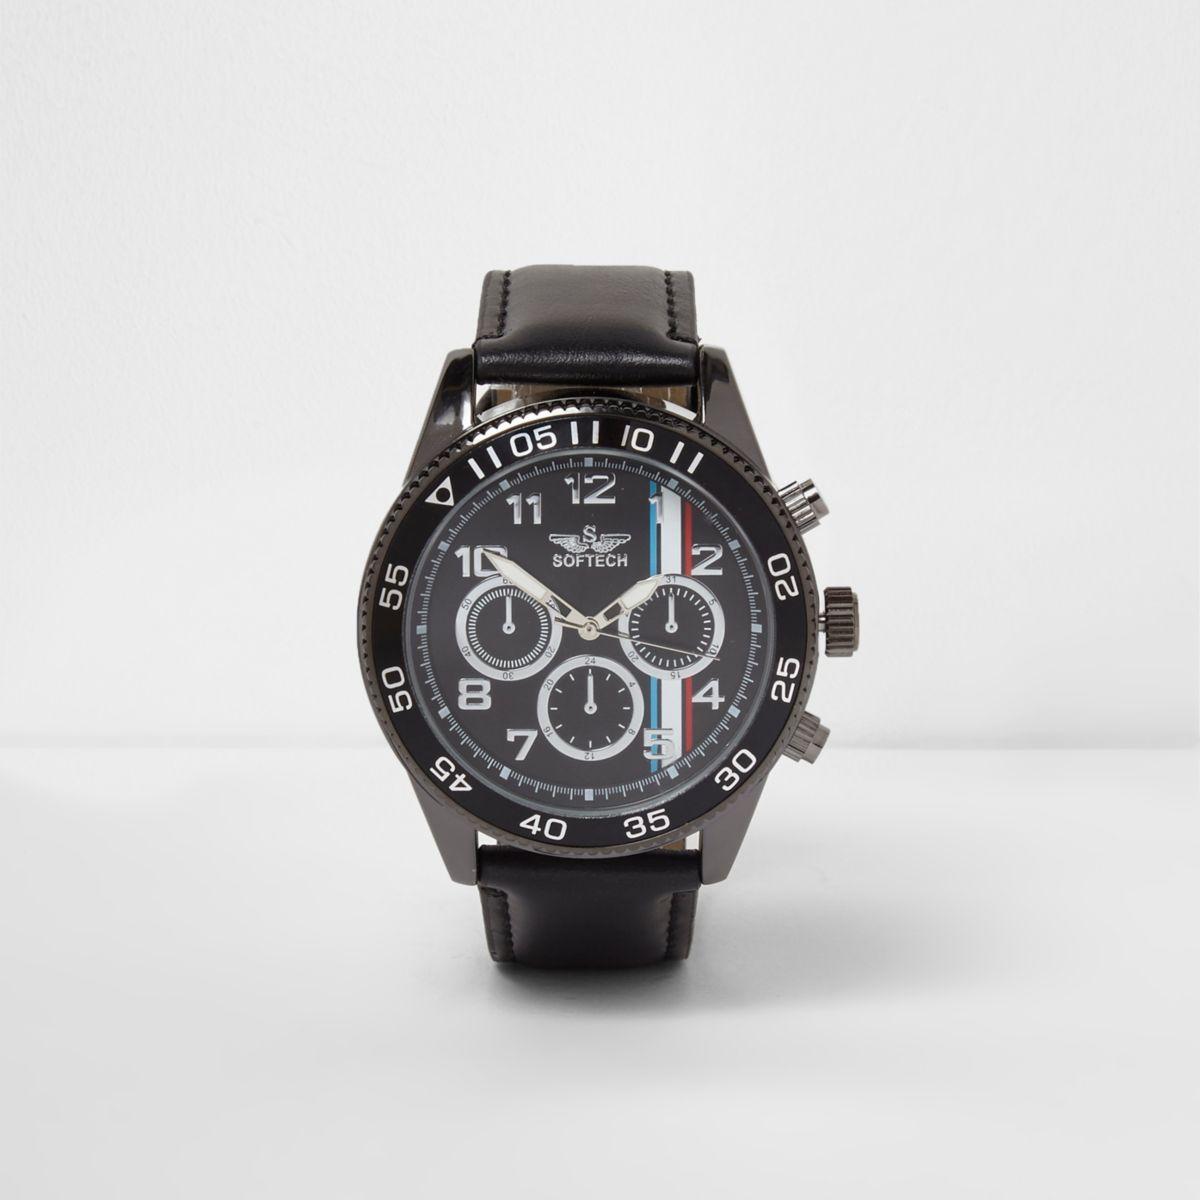 Zwart horloge met ring om de wijzerplaat en bandje van imitatieleer